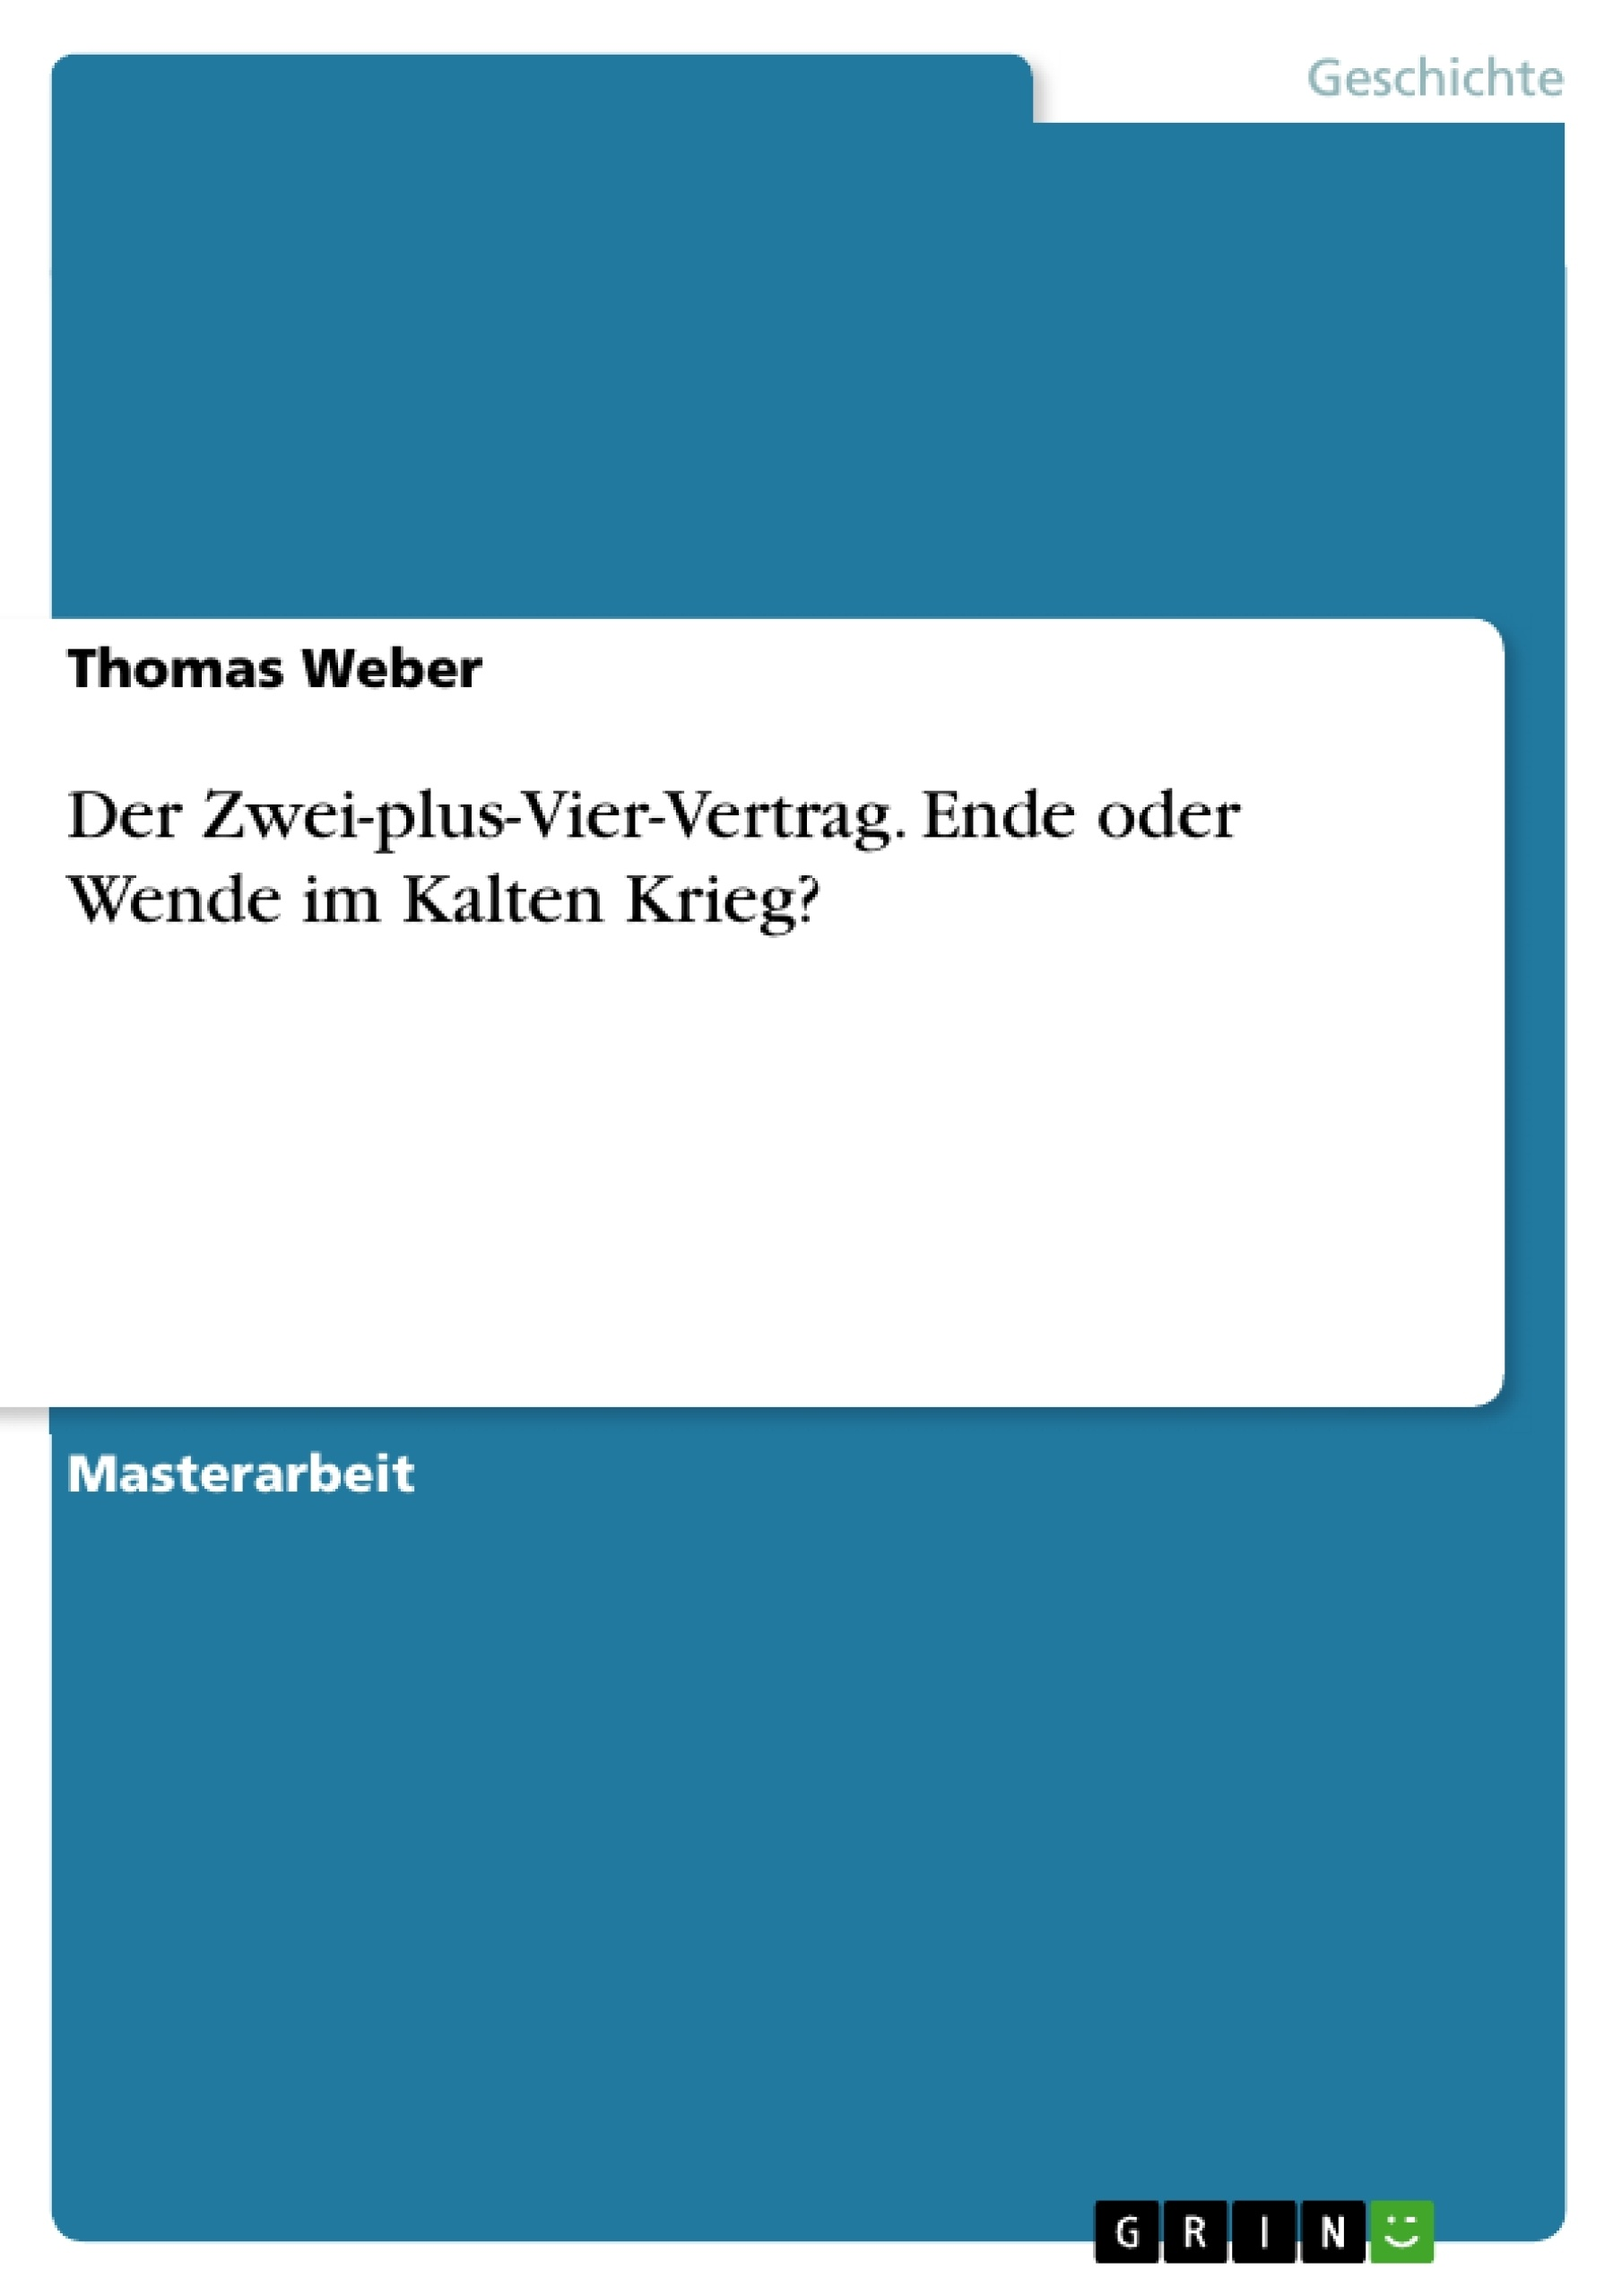 Titel: Der Zwei-plus-Vier-Vertrag. Ende oder Wende im Kalten Krieg?